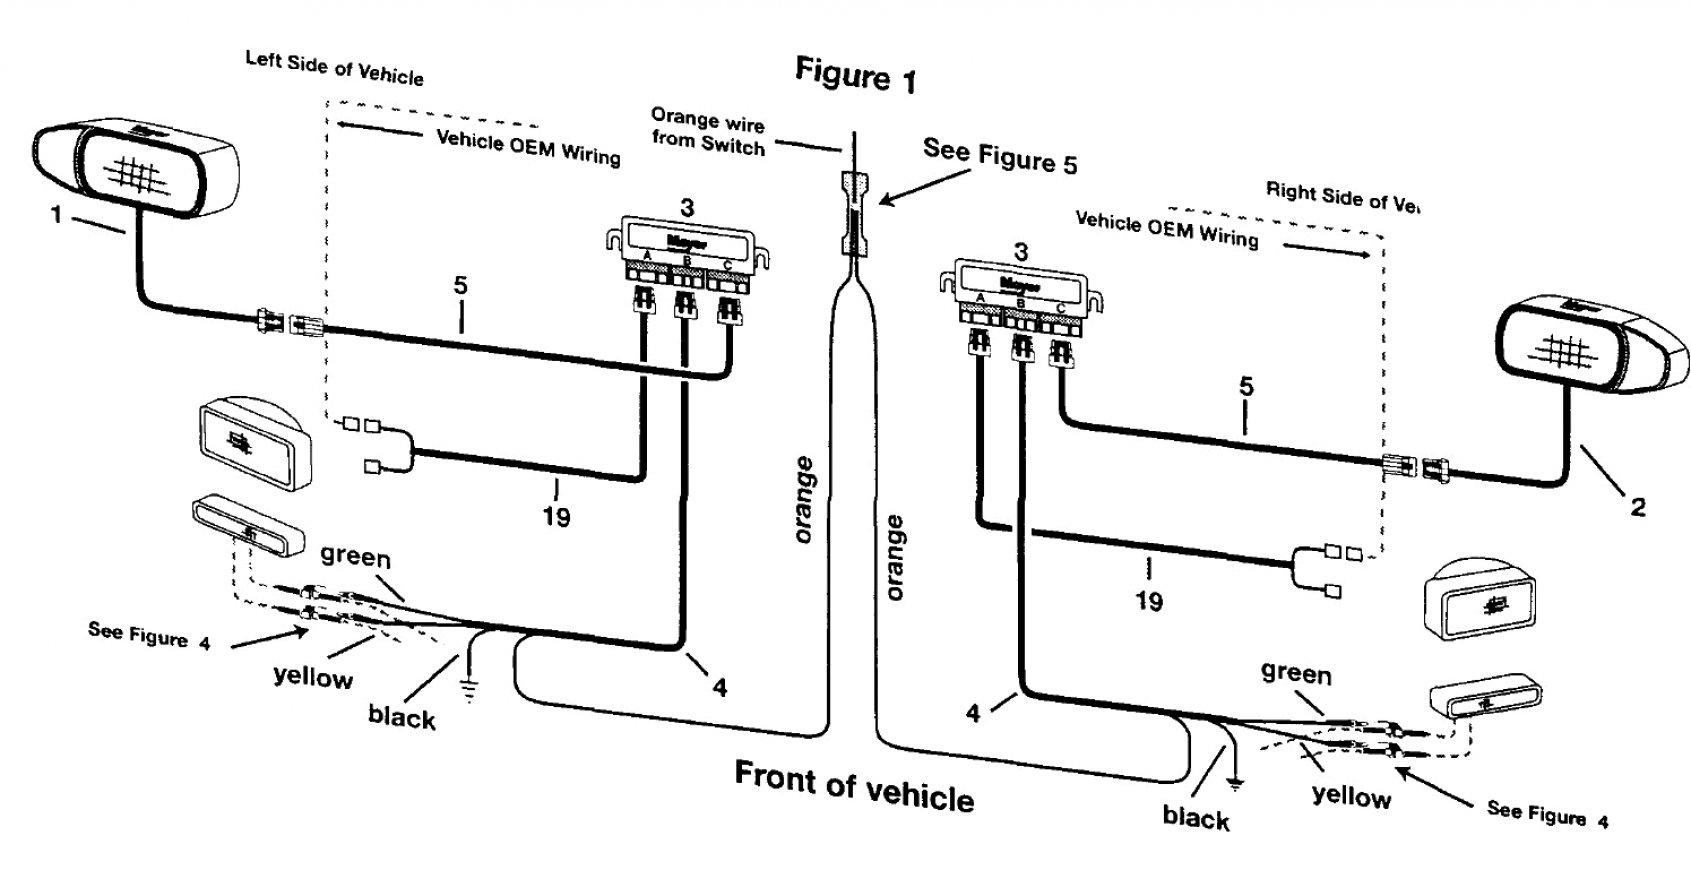 Meyer Md2 Wiring Diagram | Wiring Diagram - Meyer Plow Wiring Diagram